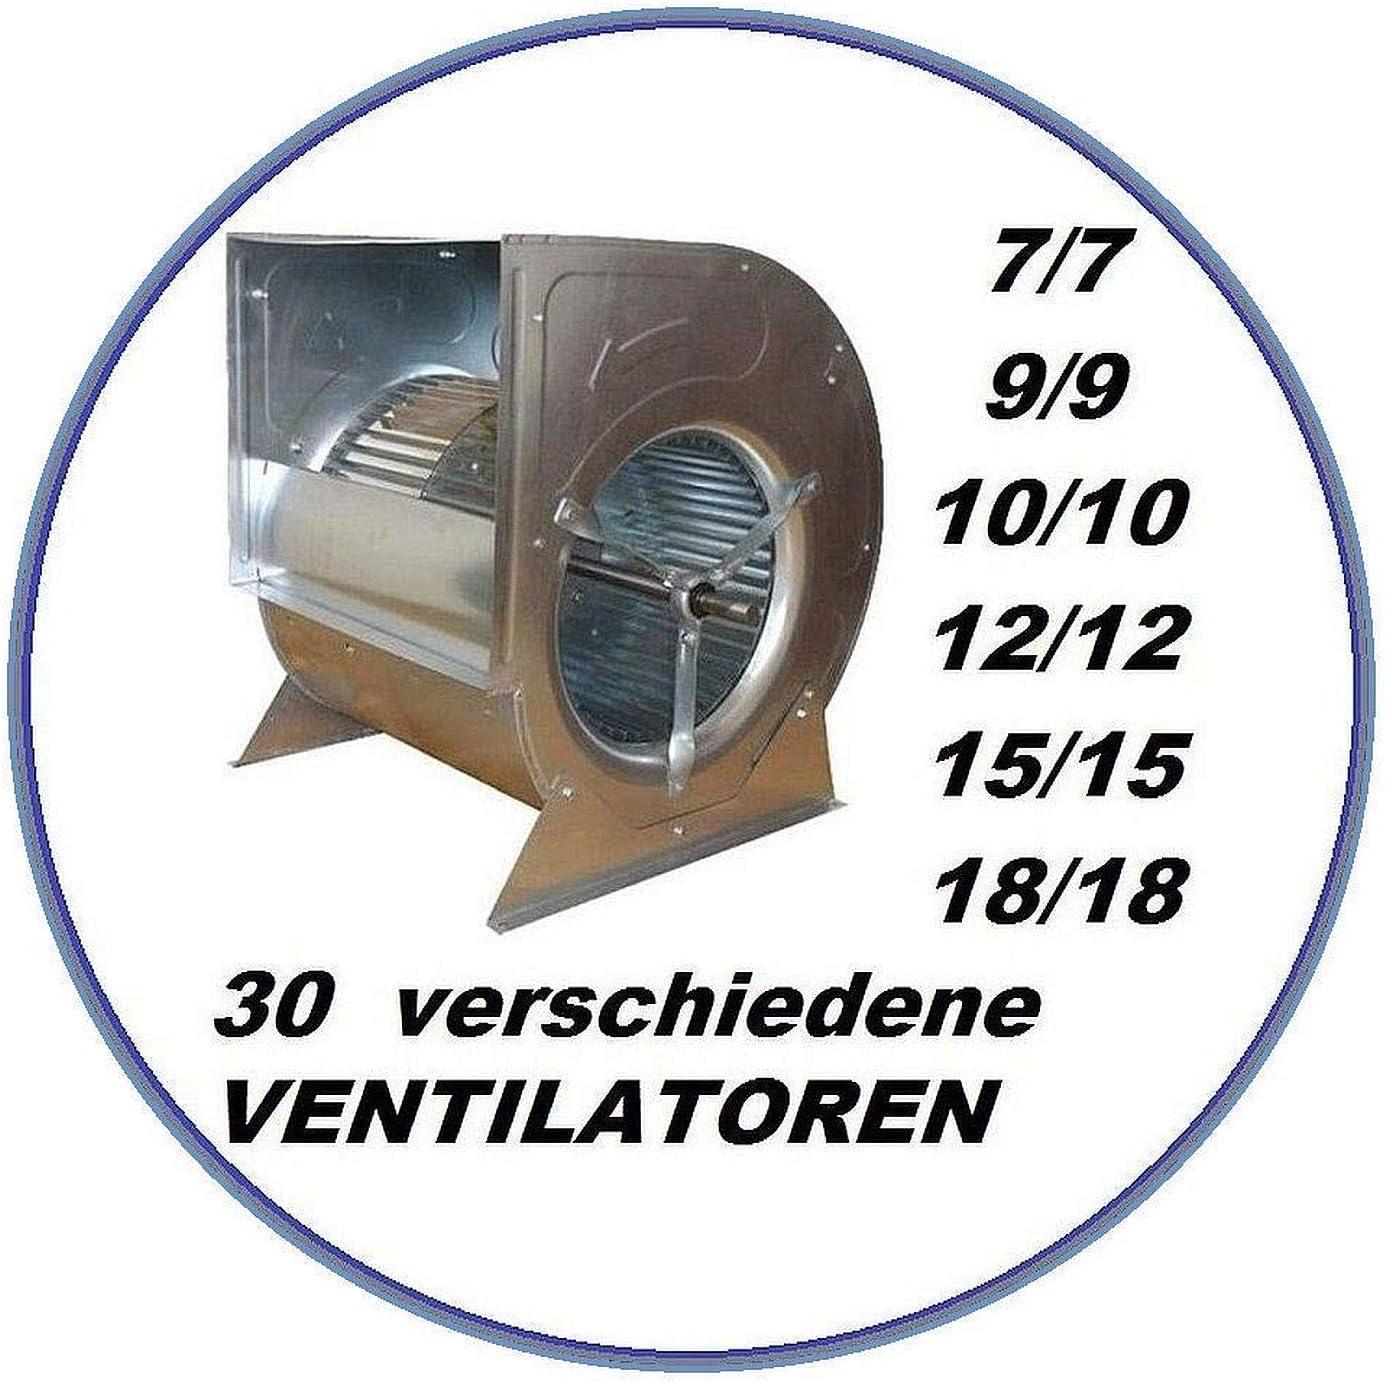 La Industria Radial ventiladores 7/7 para campana, ventilación, climática, Canalizado Caja, ventilador Box Cocina Canalizado, radial Centrífugo Radial Ventilador radial del ventilador ventilador industrial Ventilador Fan Ventilador ablüfter Campana ...